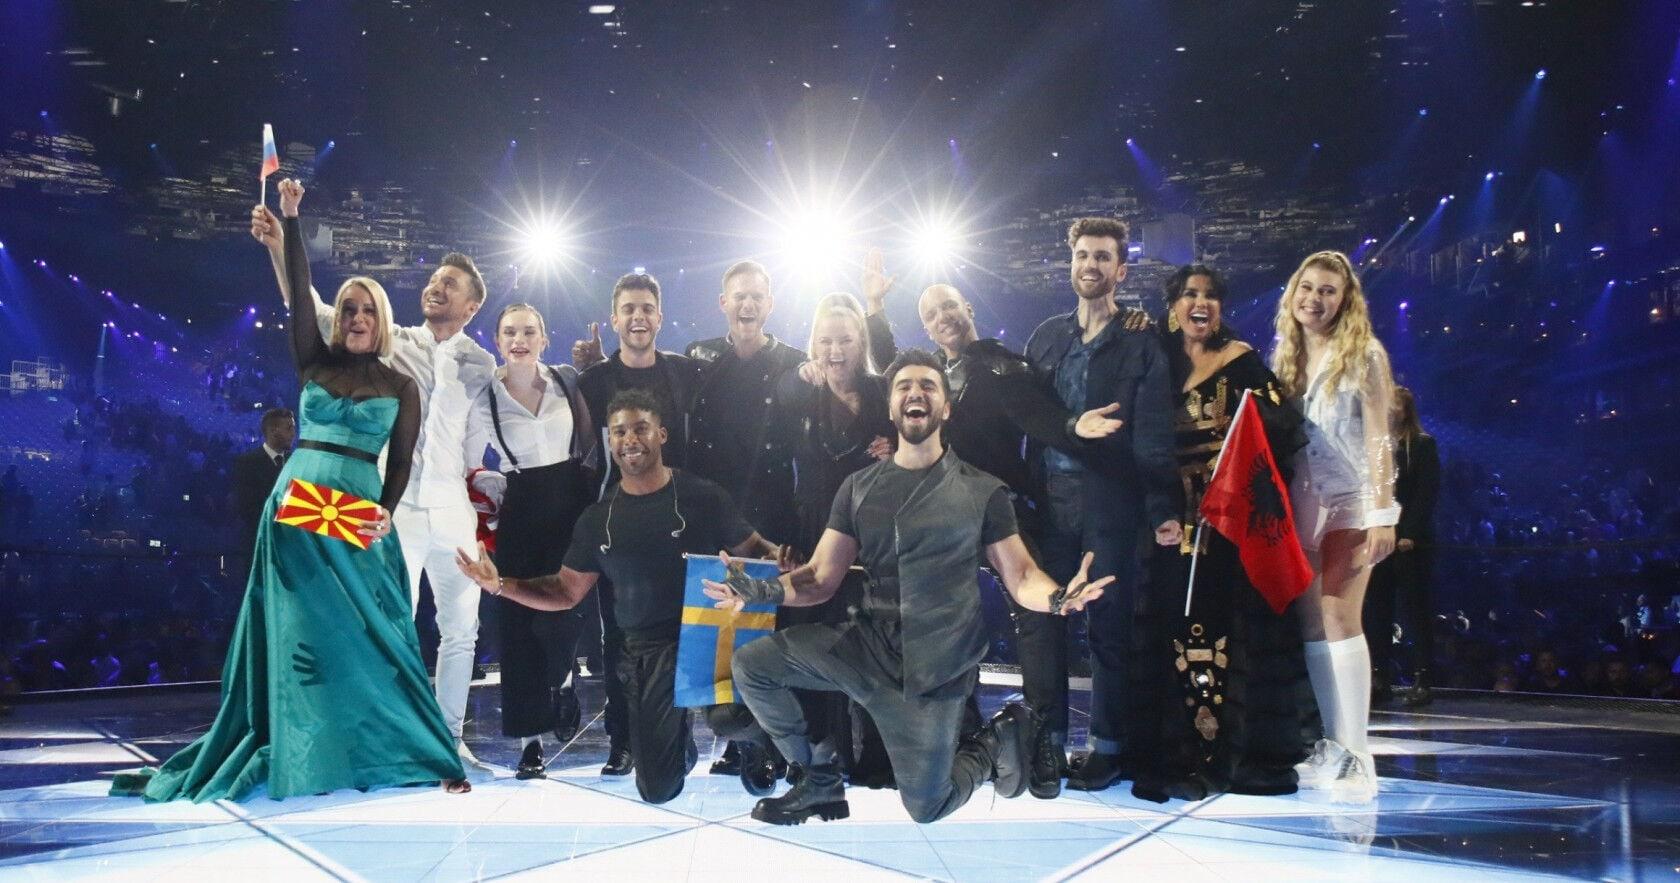 eurovízis dalfesztivál 2019 döntős énekesek 1